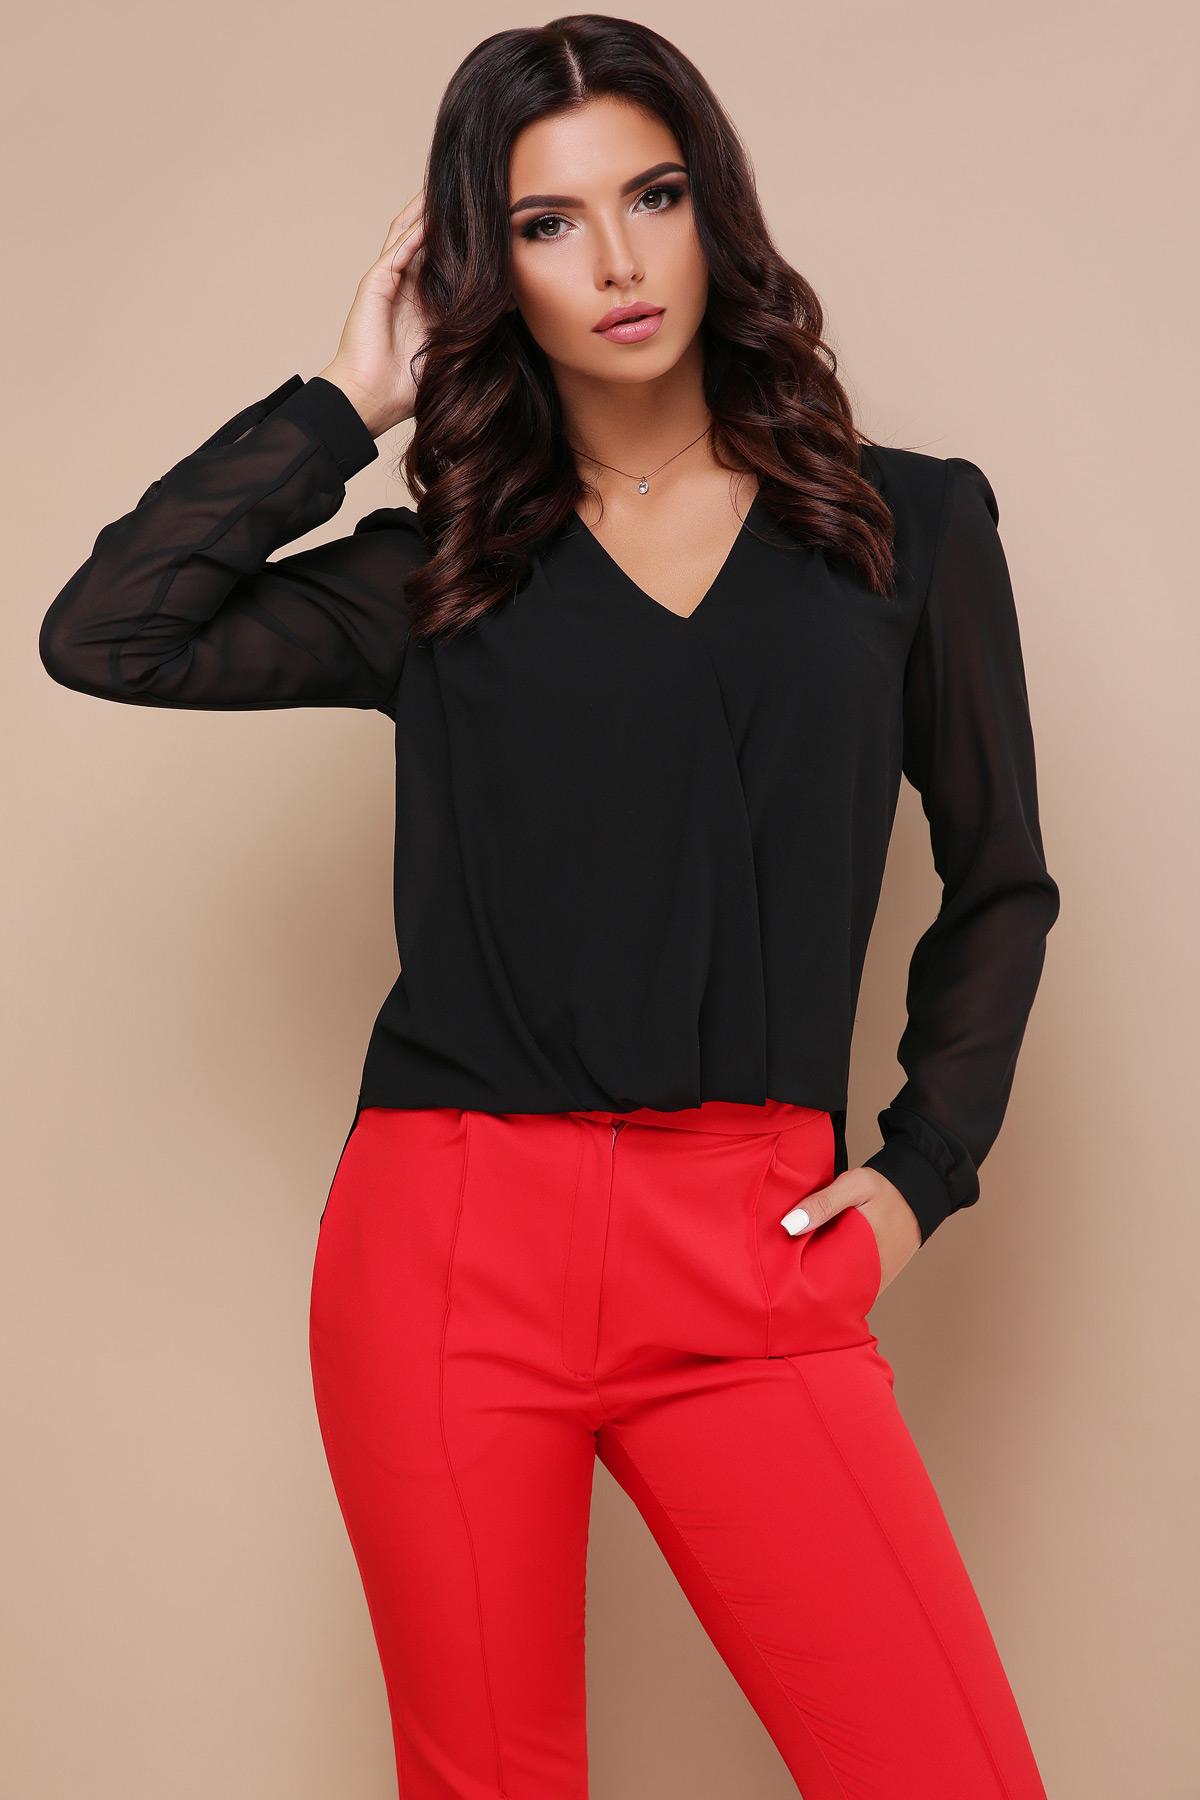 381e7740153 черная блузка с кружевом. блуза Айлин д р. Цвет  черный